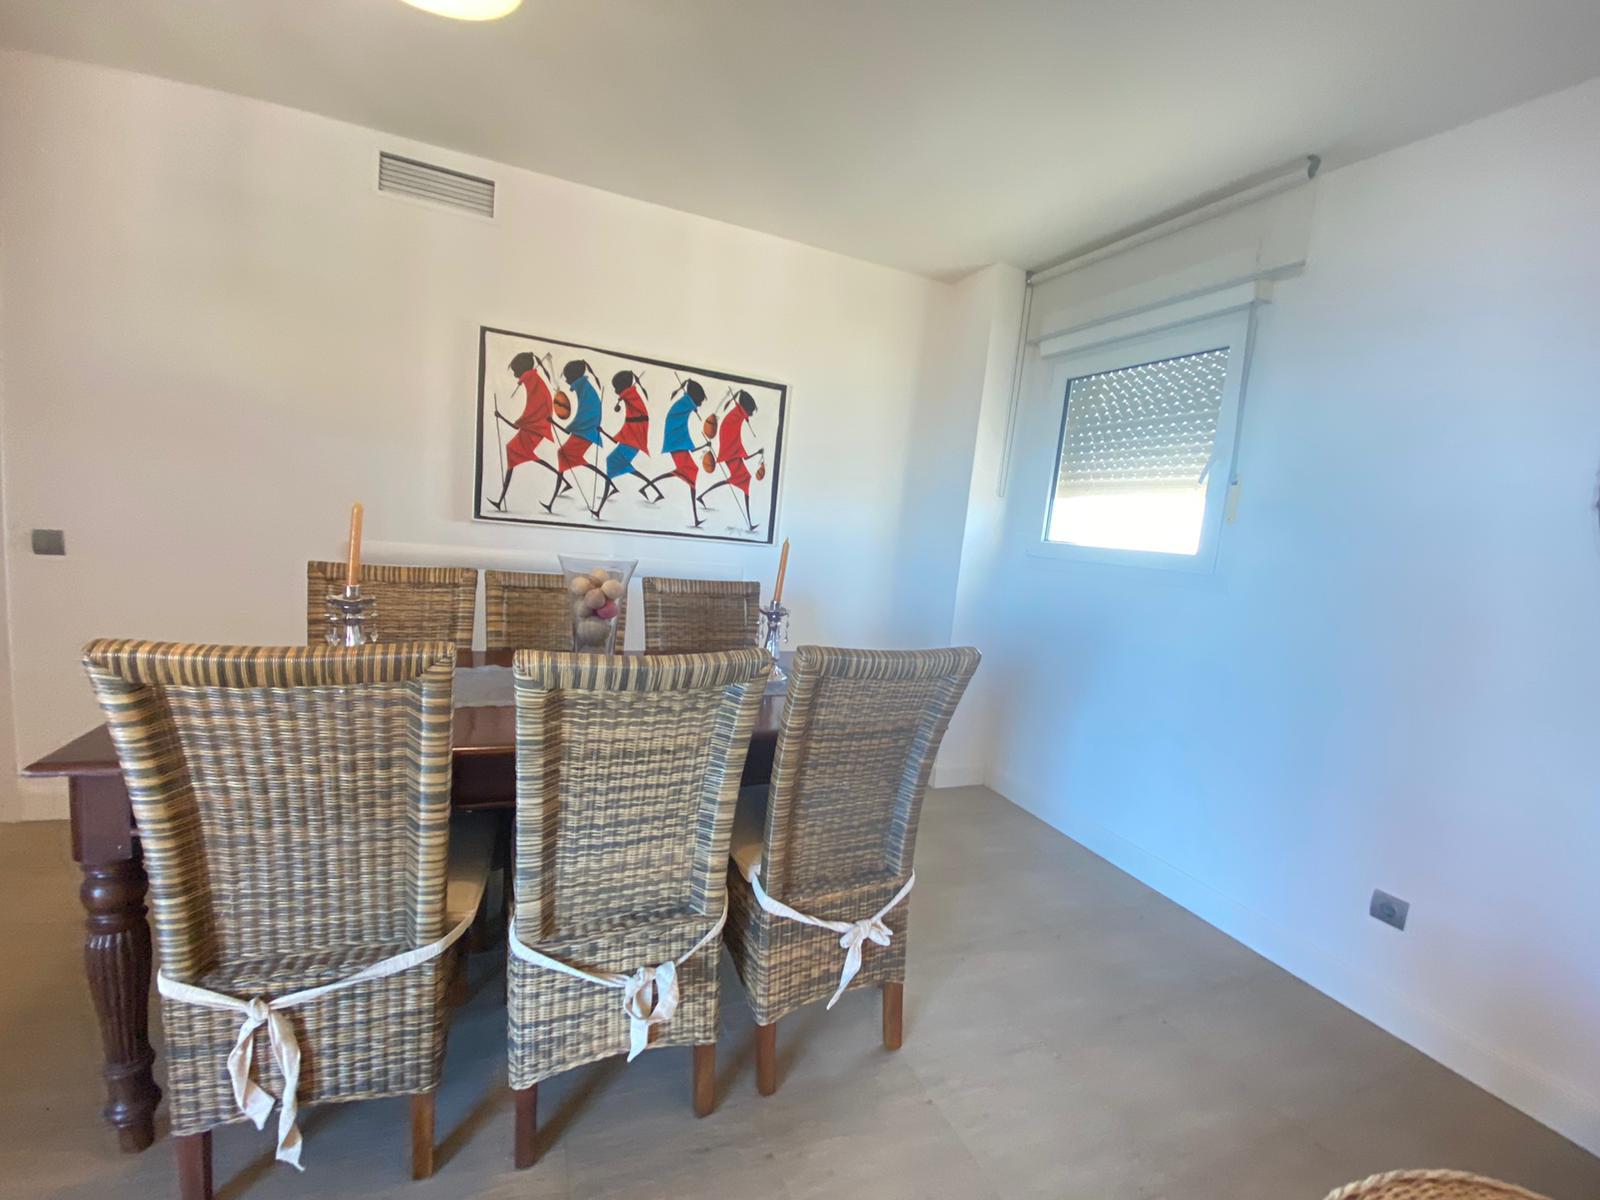 Imagen 9 del Apartamento Turístico, Ático 6 Levante (3d+2b), Punta del Moral (HUELVA), Paseo de la Cruz nº22